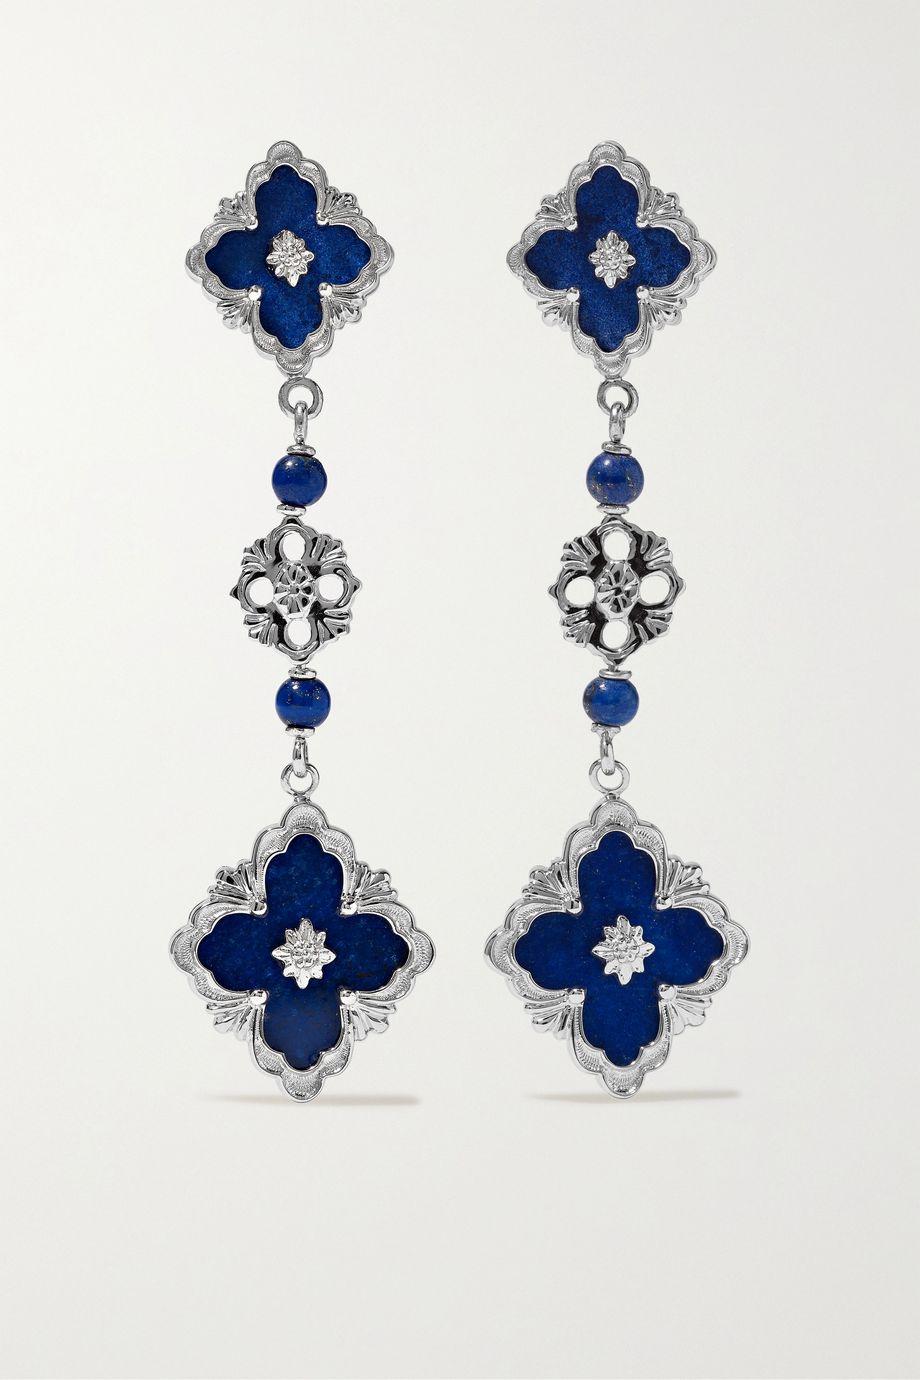 Buccellati Opera 18-karat white gold lapis lazuli earrings